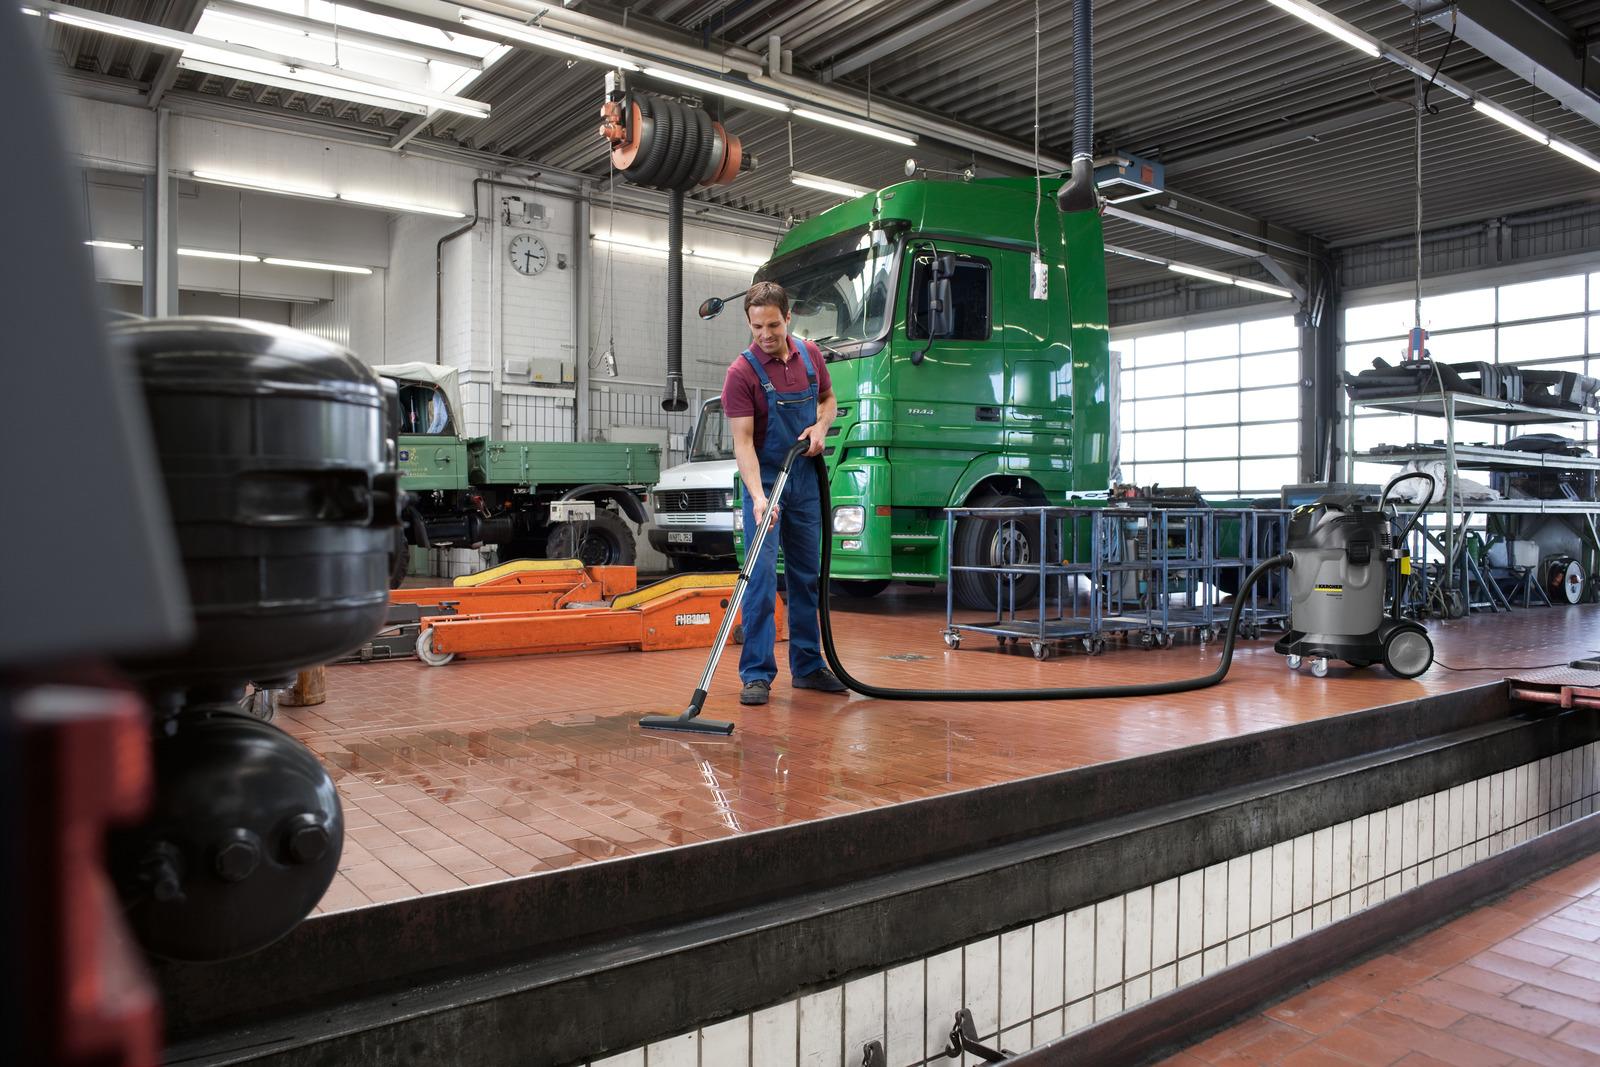 جاروبرقی سطلی صنعتی آب و خاک مدل NT 70/3 کارچر جاروبرقی اداری